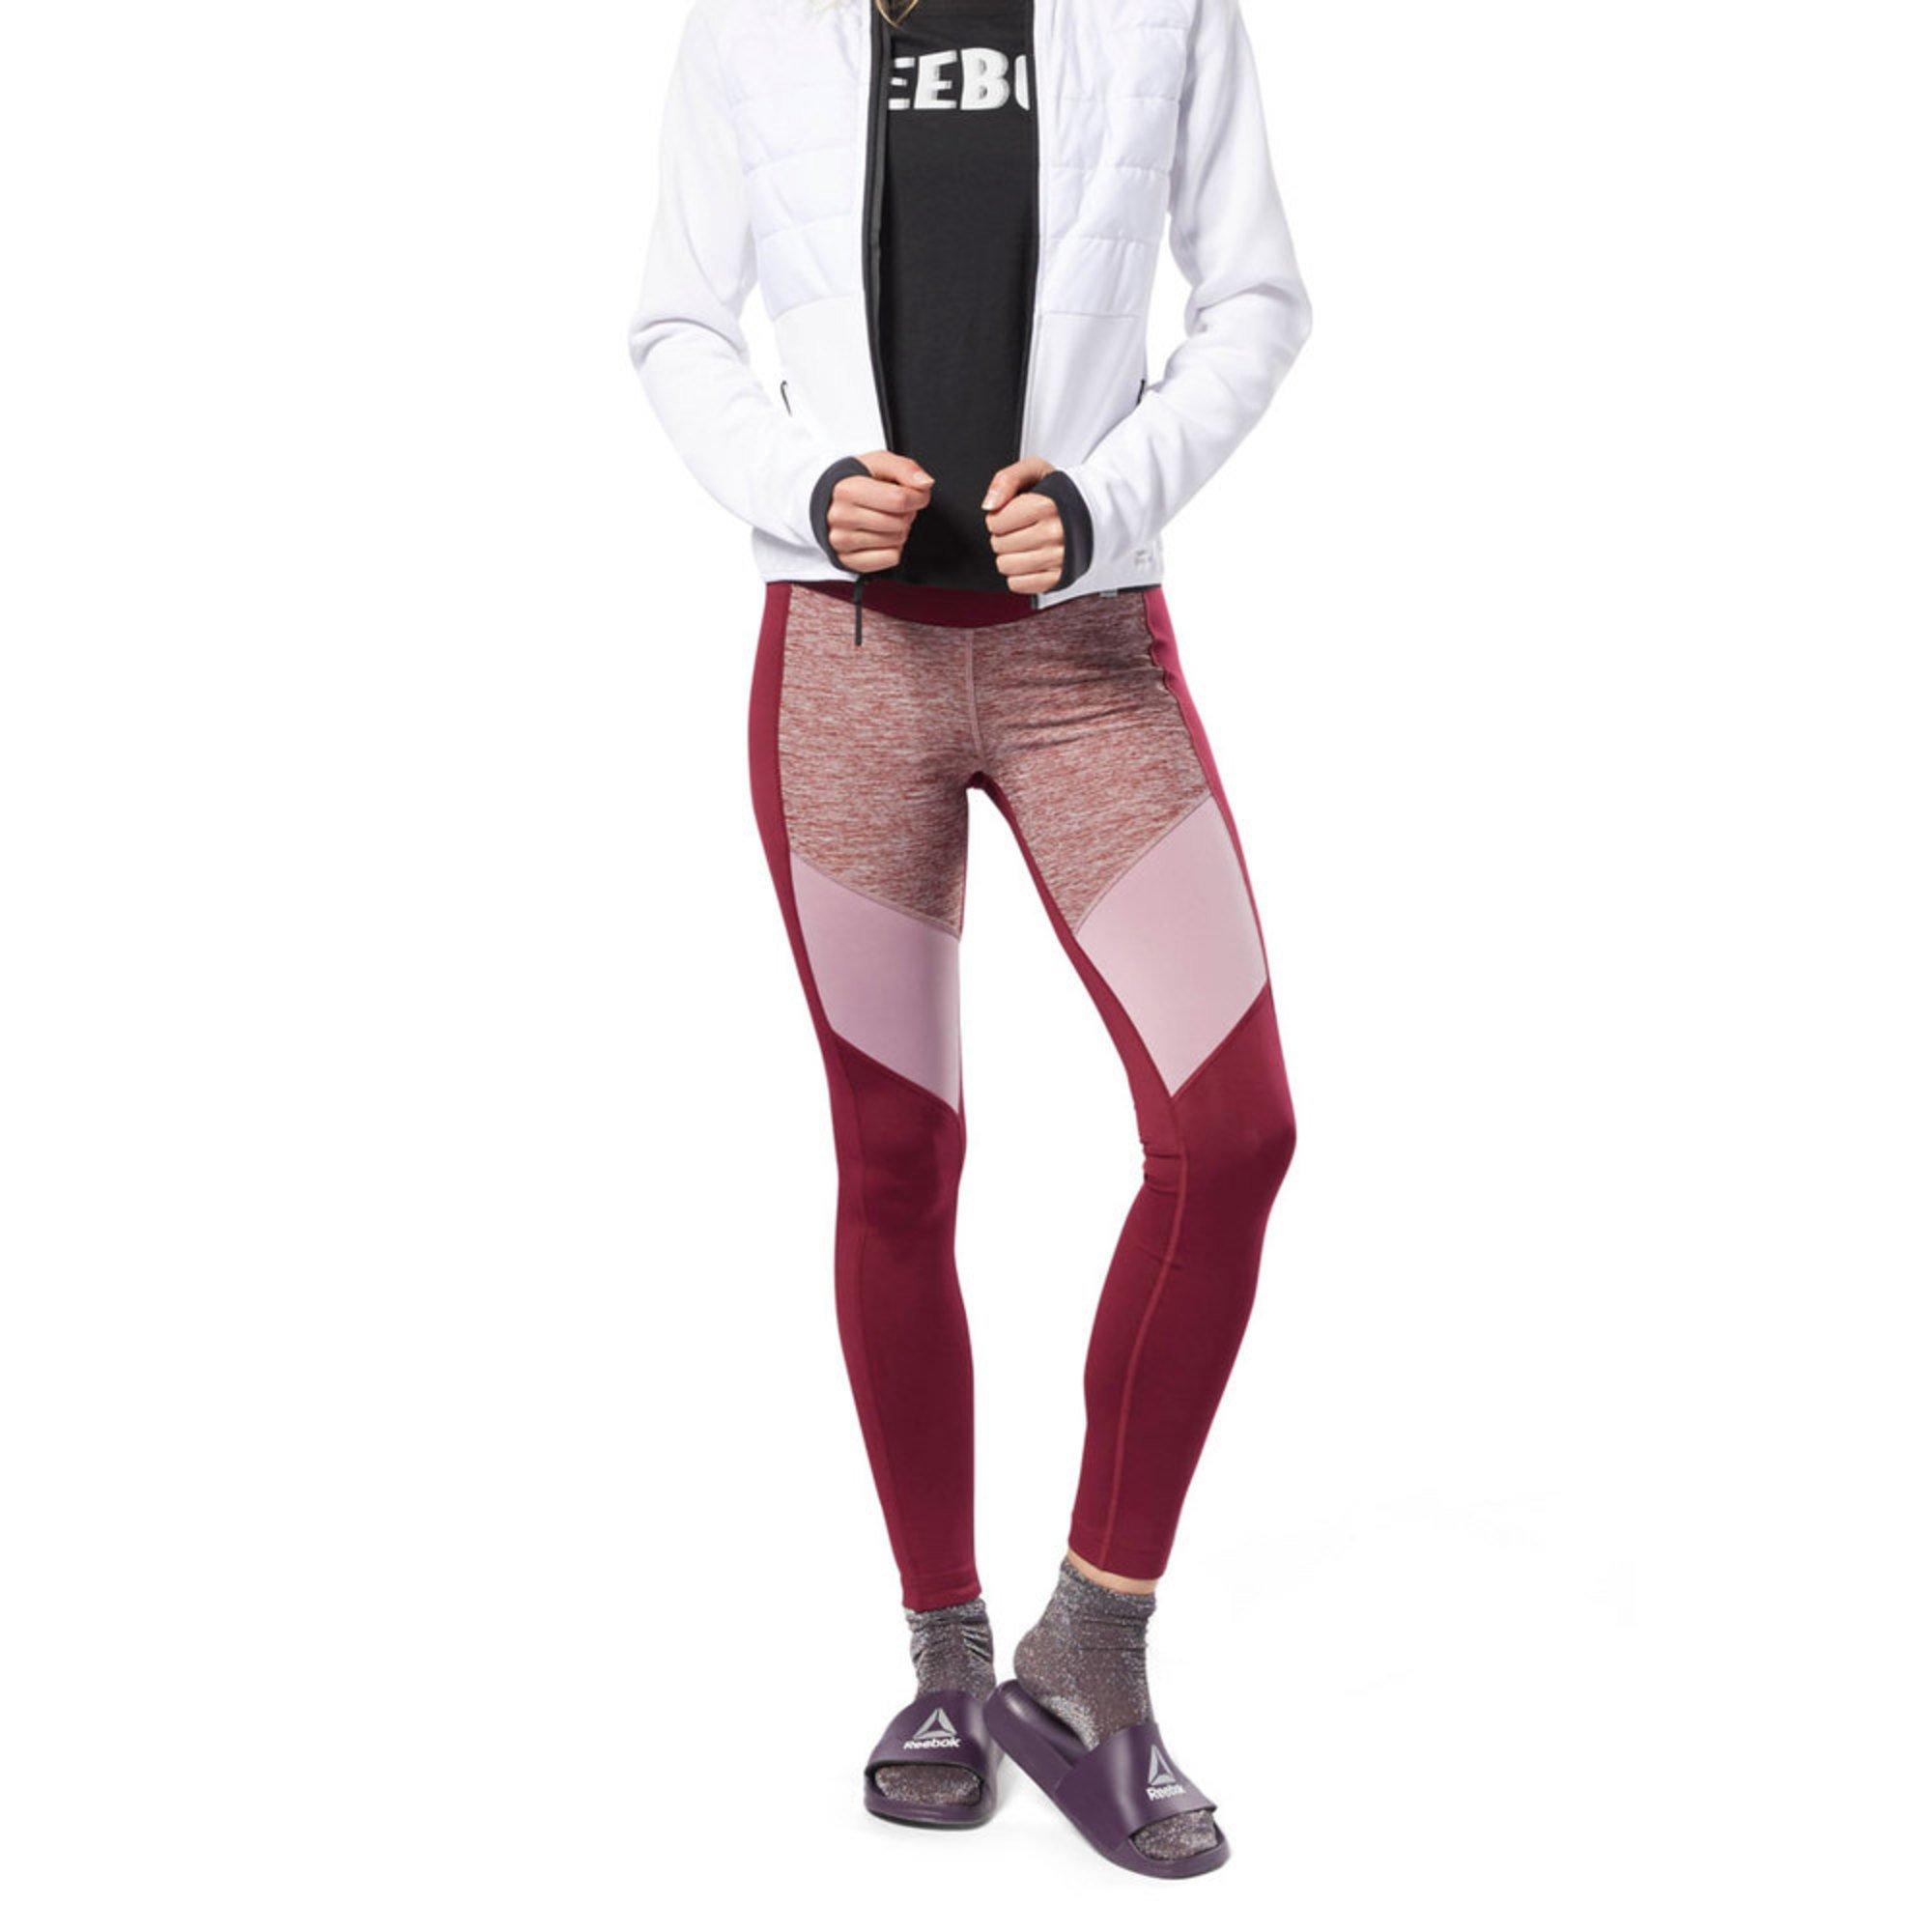 d4c16fd6b08561 Reebok Women's Melange Tights | Active Leggings - Shop Your Navy ...